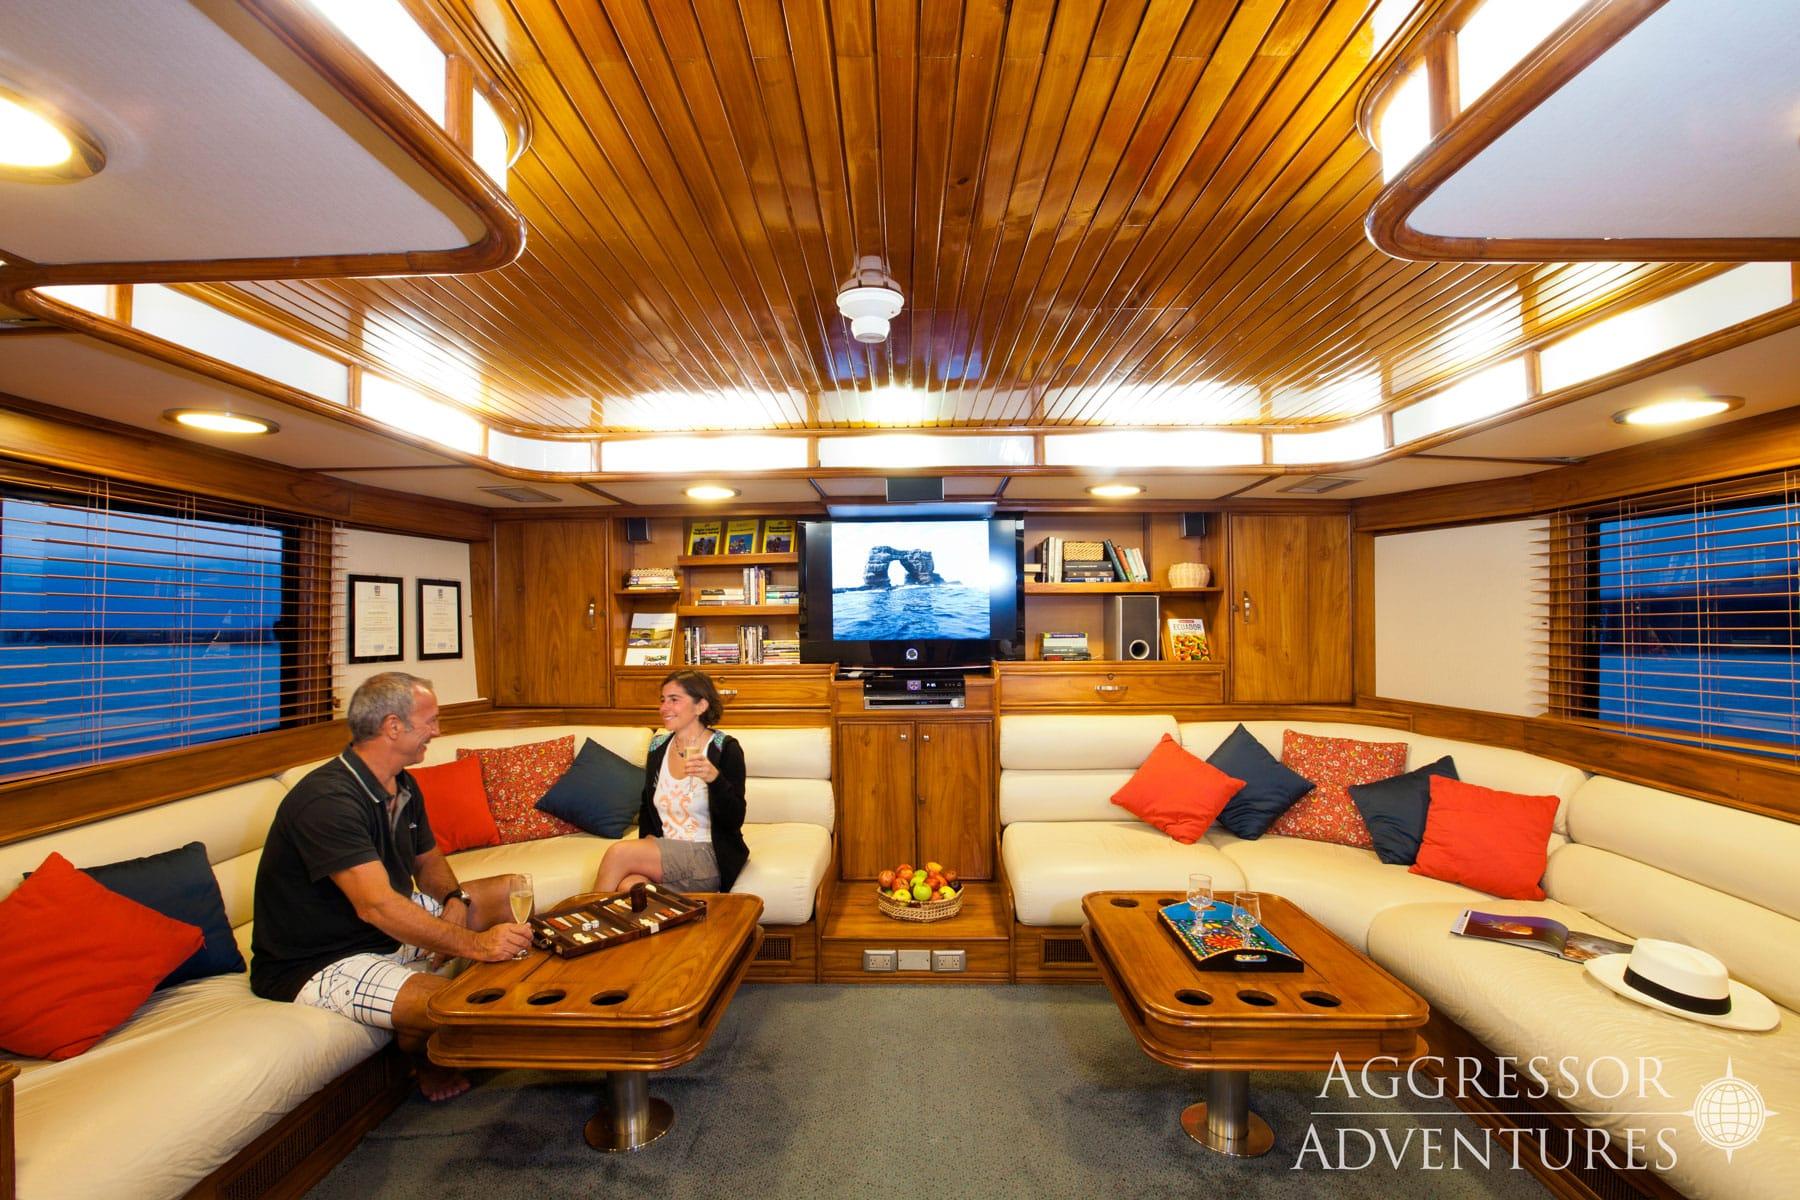 Galapagos Aggressor III salon